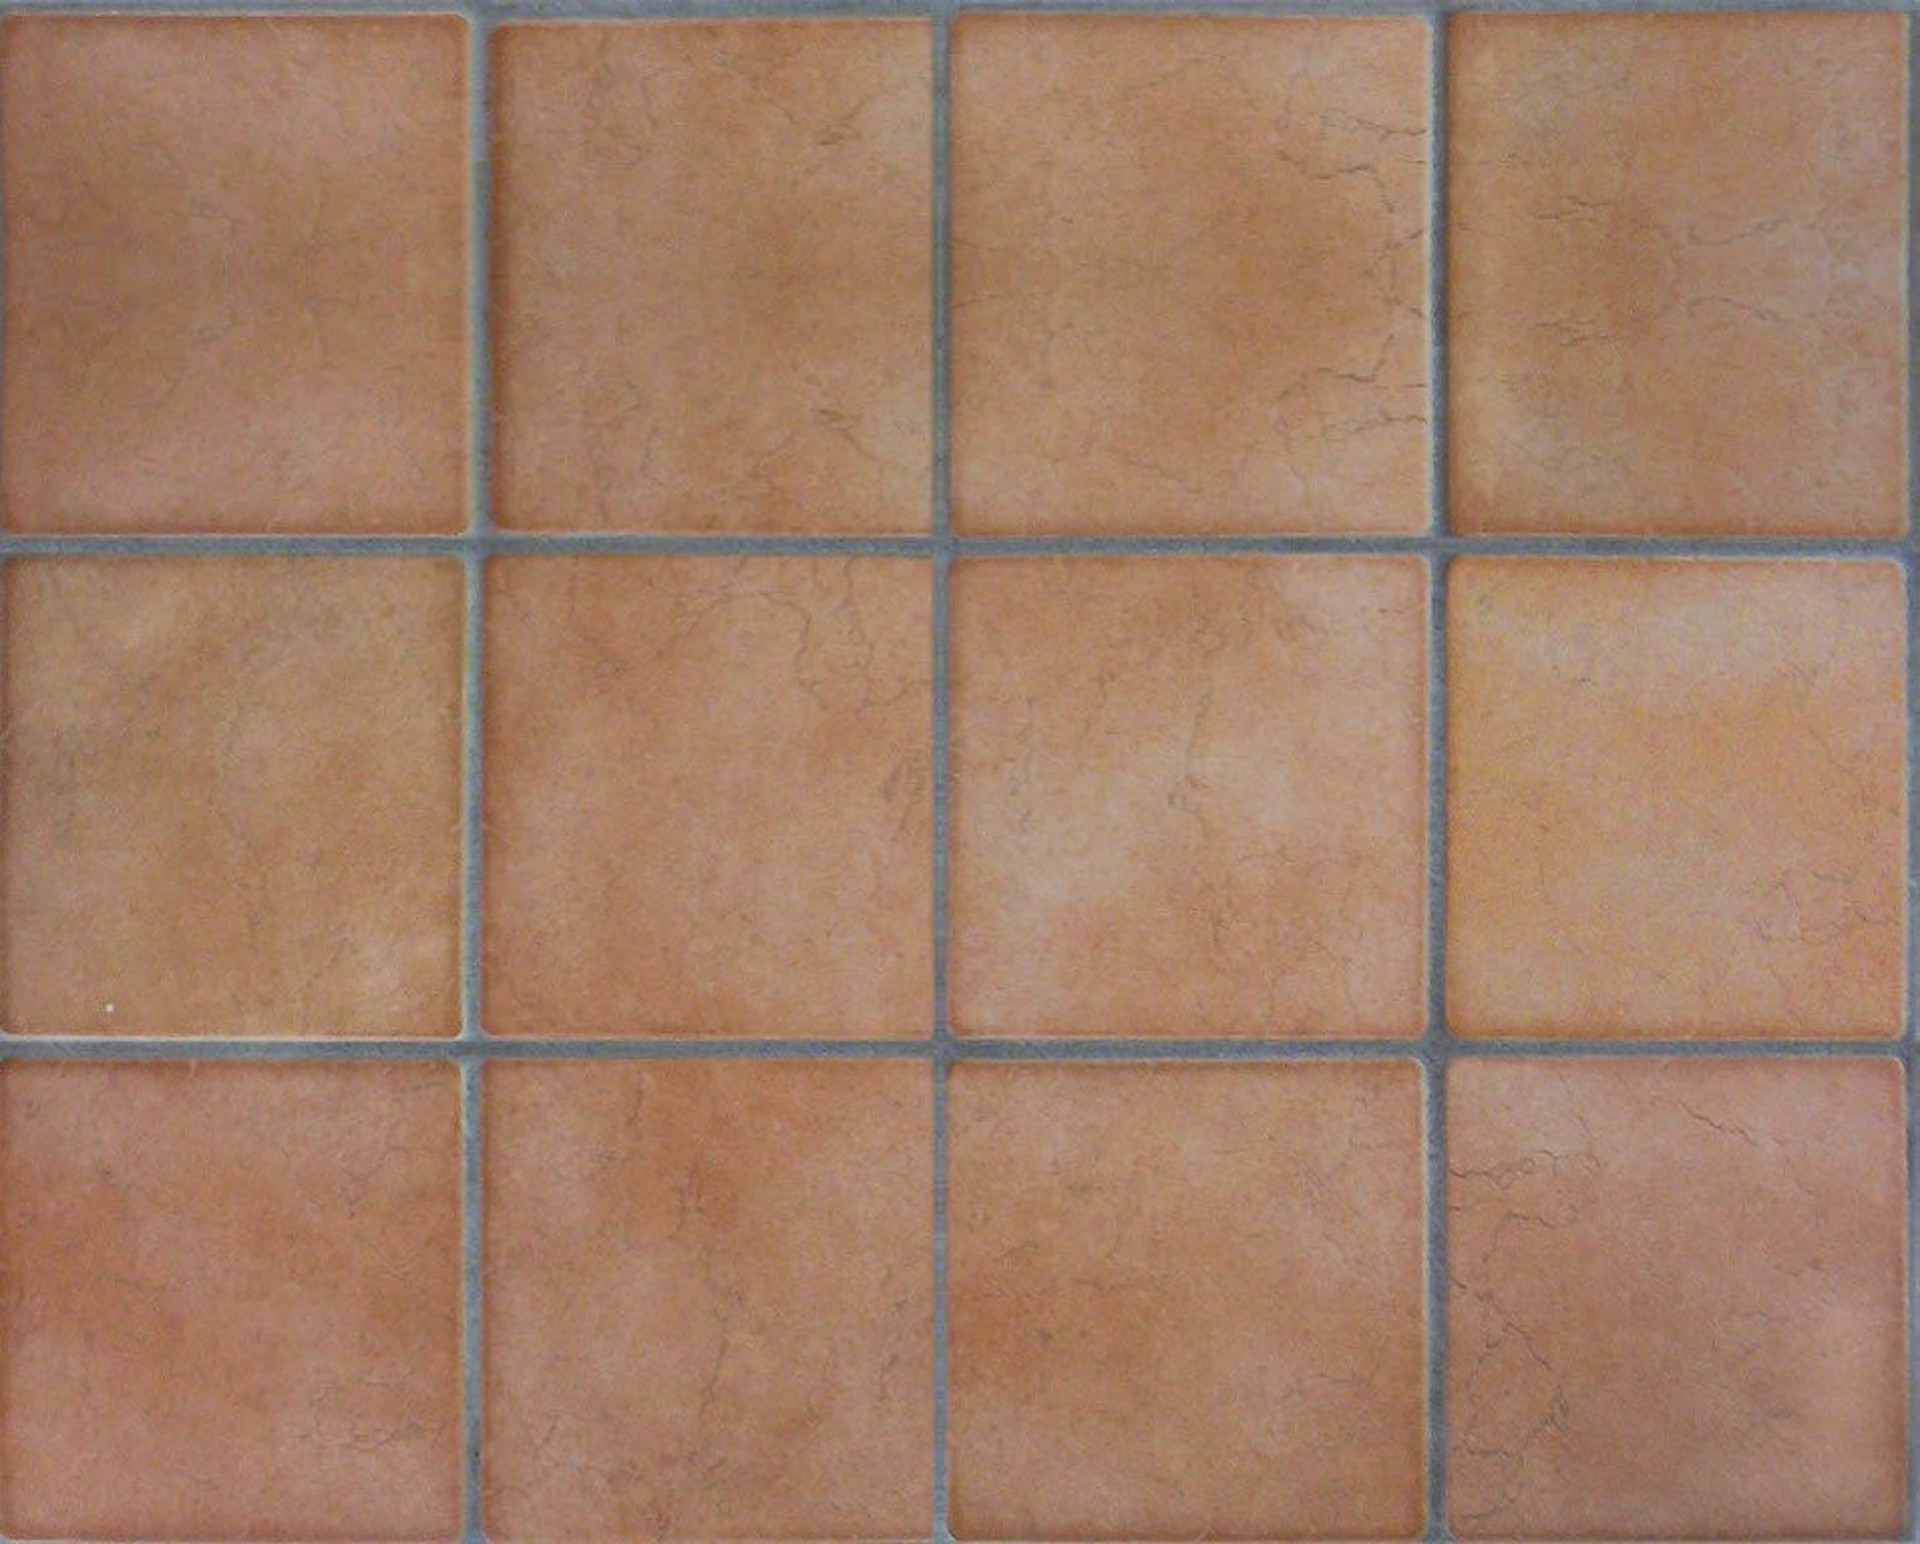 Mattonelle 2 texture download c4dzone - Mattonelle legno per esterno ...